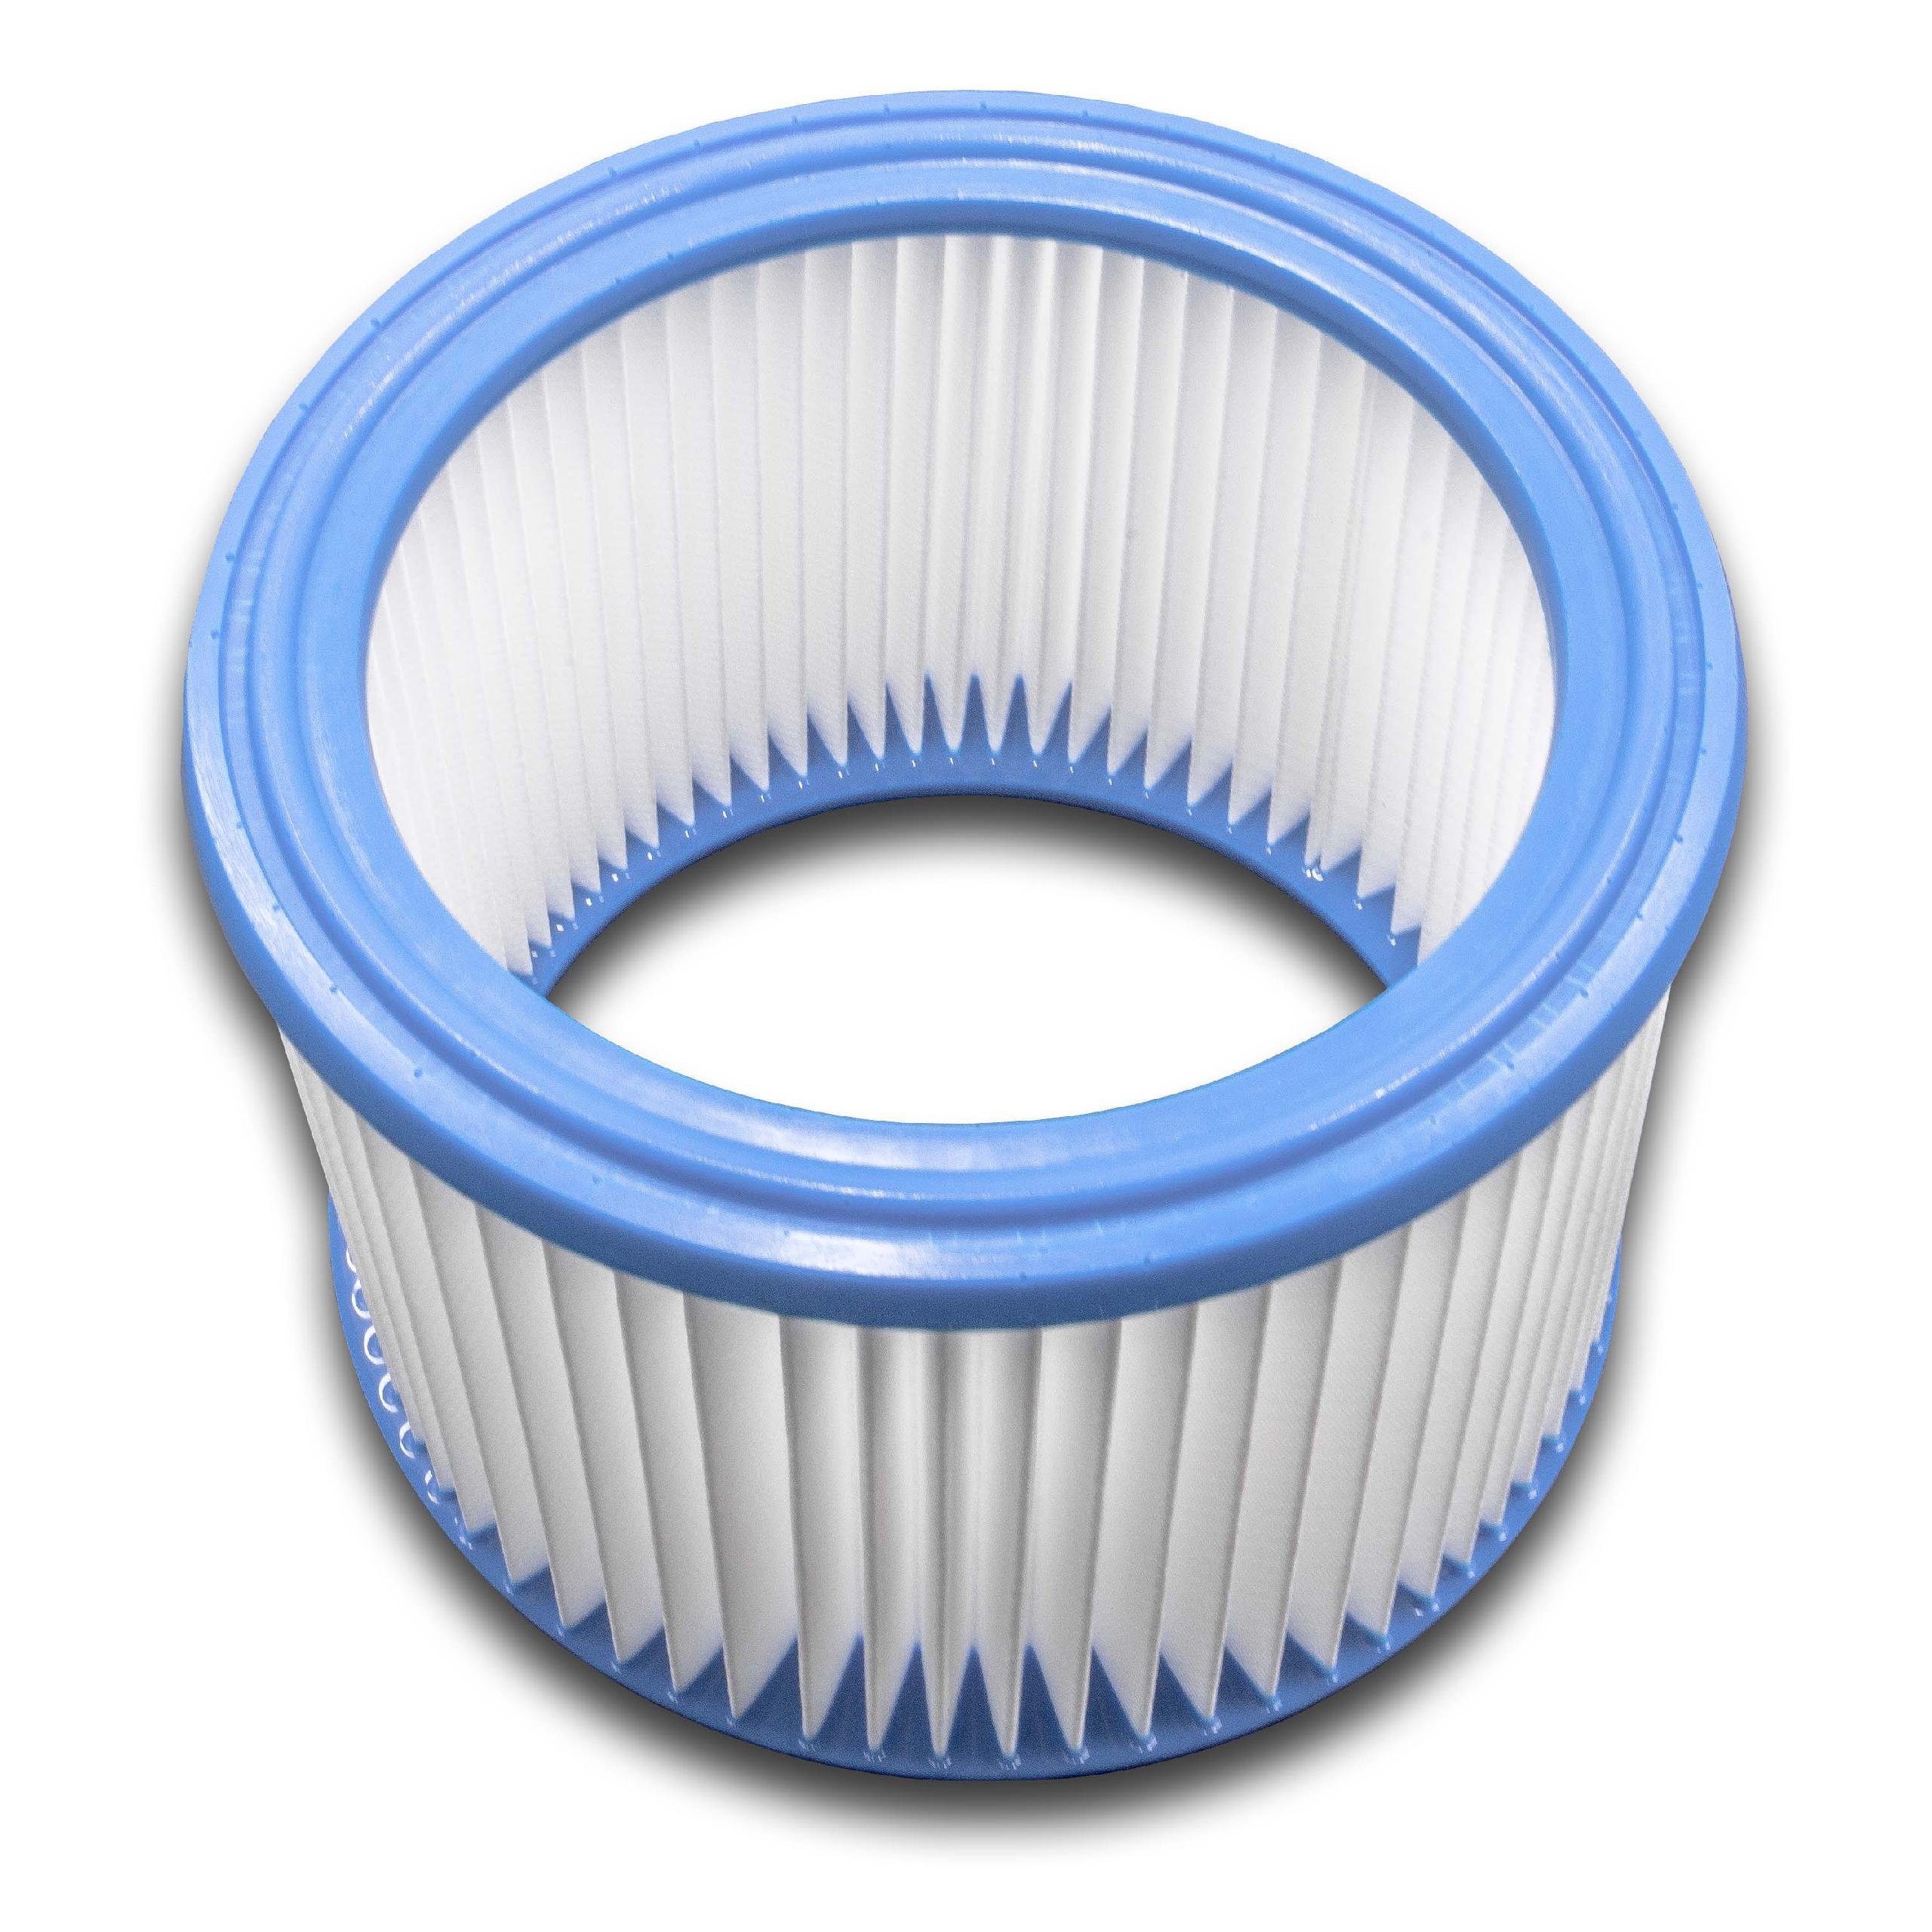 Circa-filtro filtro a pieghe per Nilfisk AERO 21-21 PC INOX